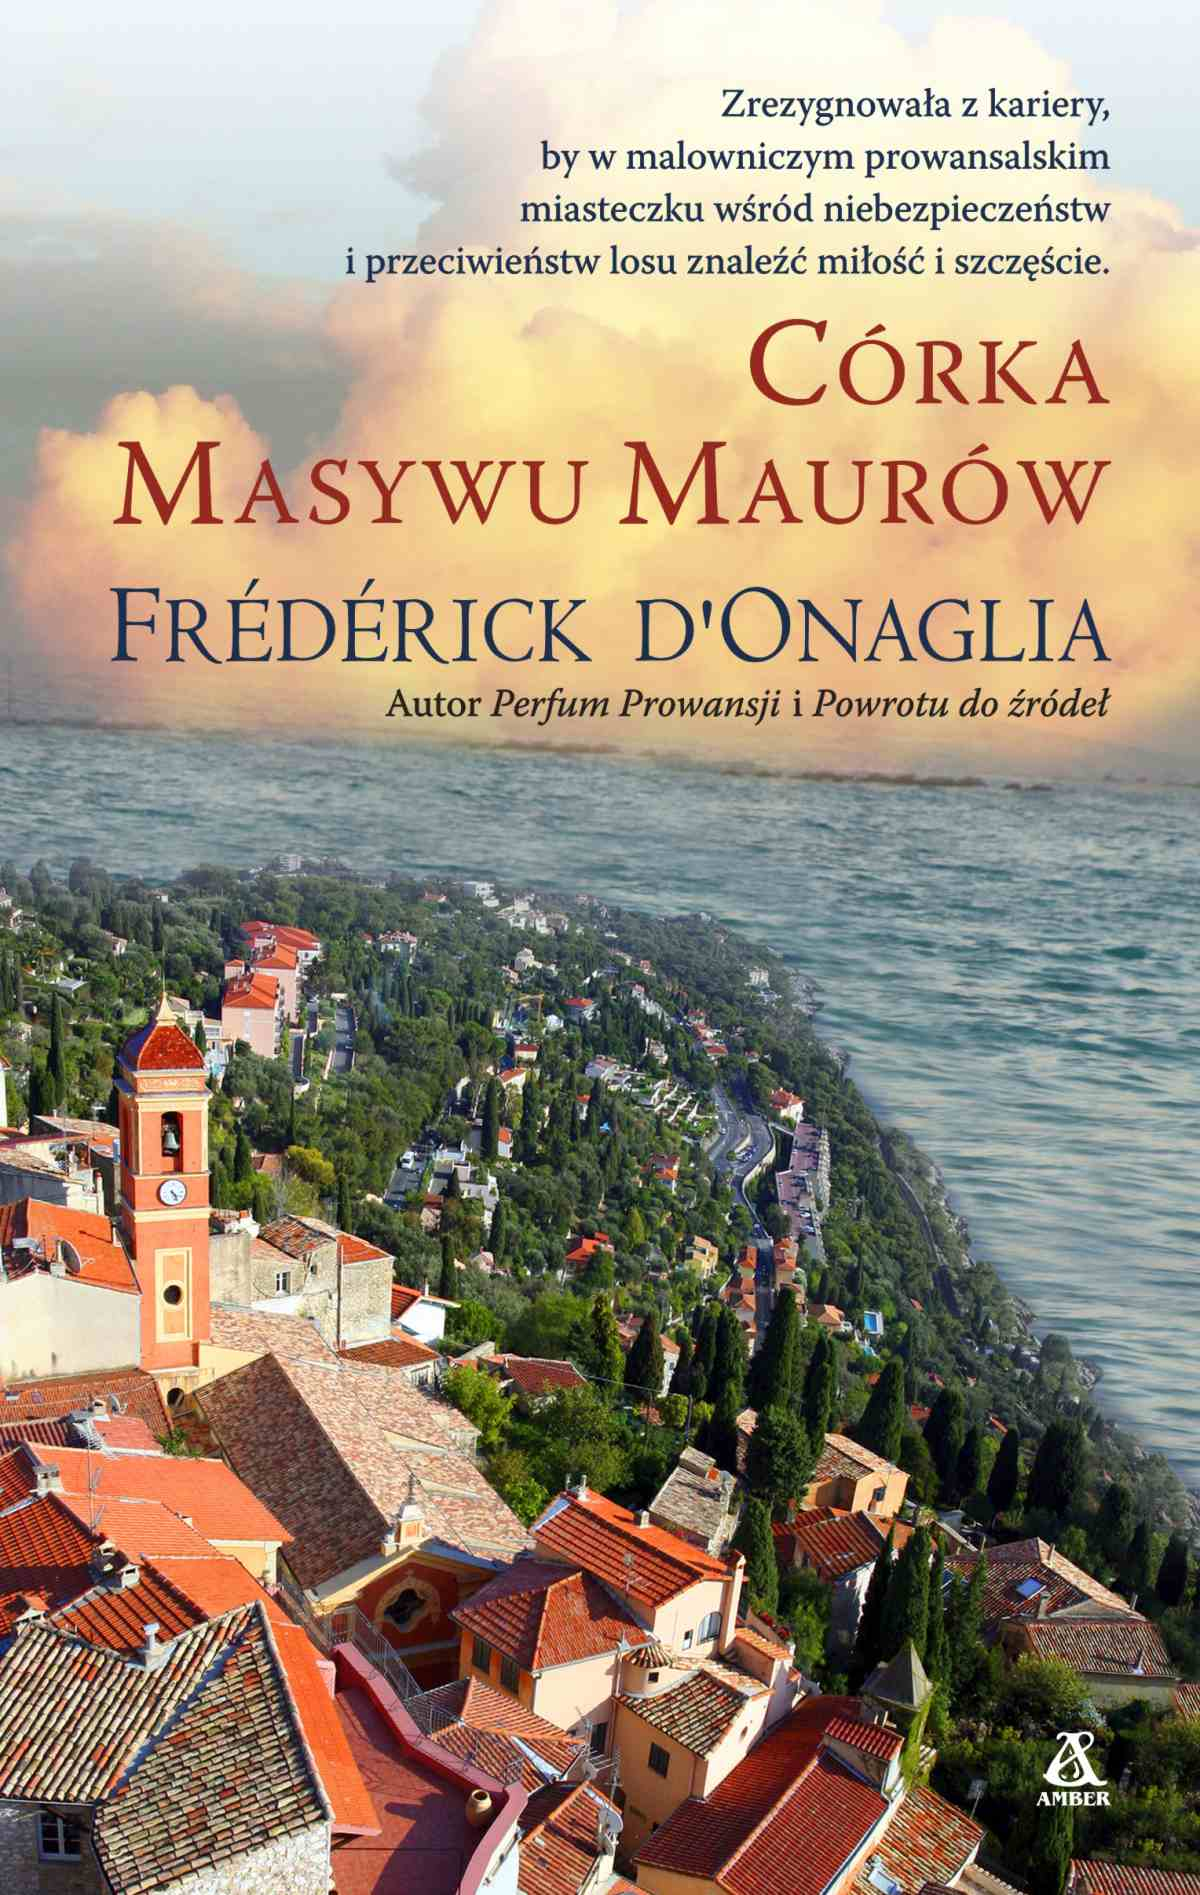 Córka Masywu Maurów - Ebook (Książka EPUB) do pobrania w formacie EPUB